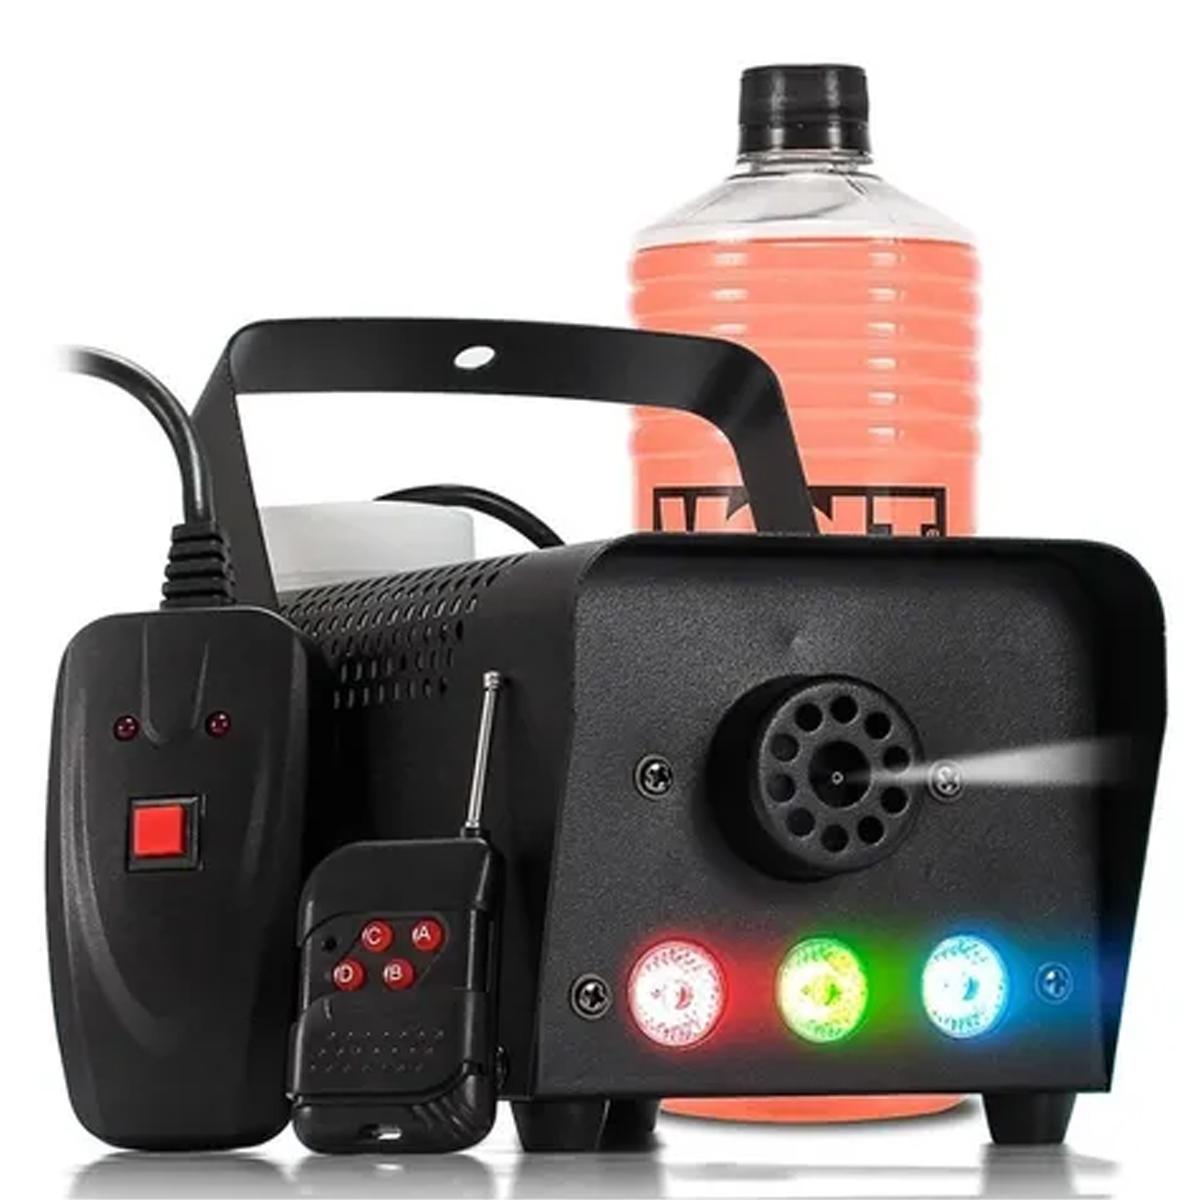 Maquina de Fumaca Led RGB BX 750 110v - Briwax  - RS Som e Luz!